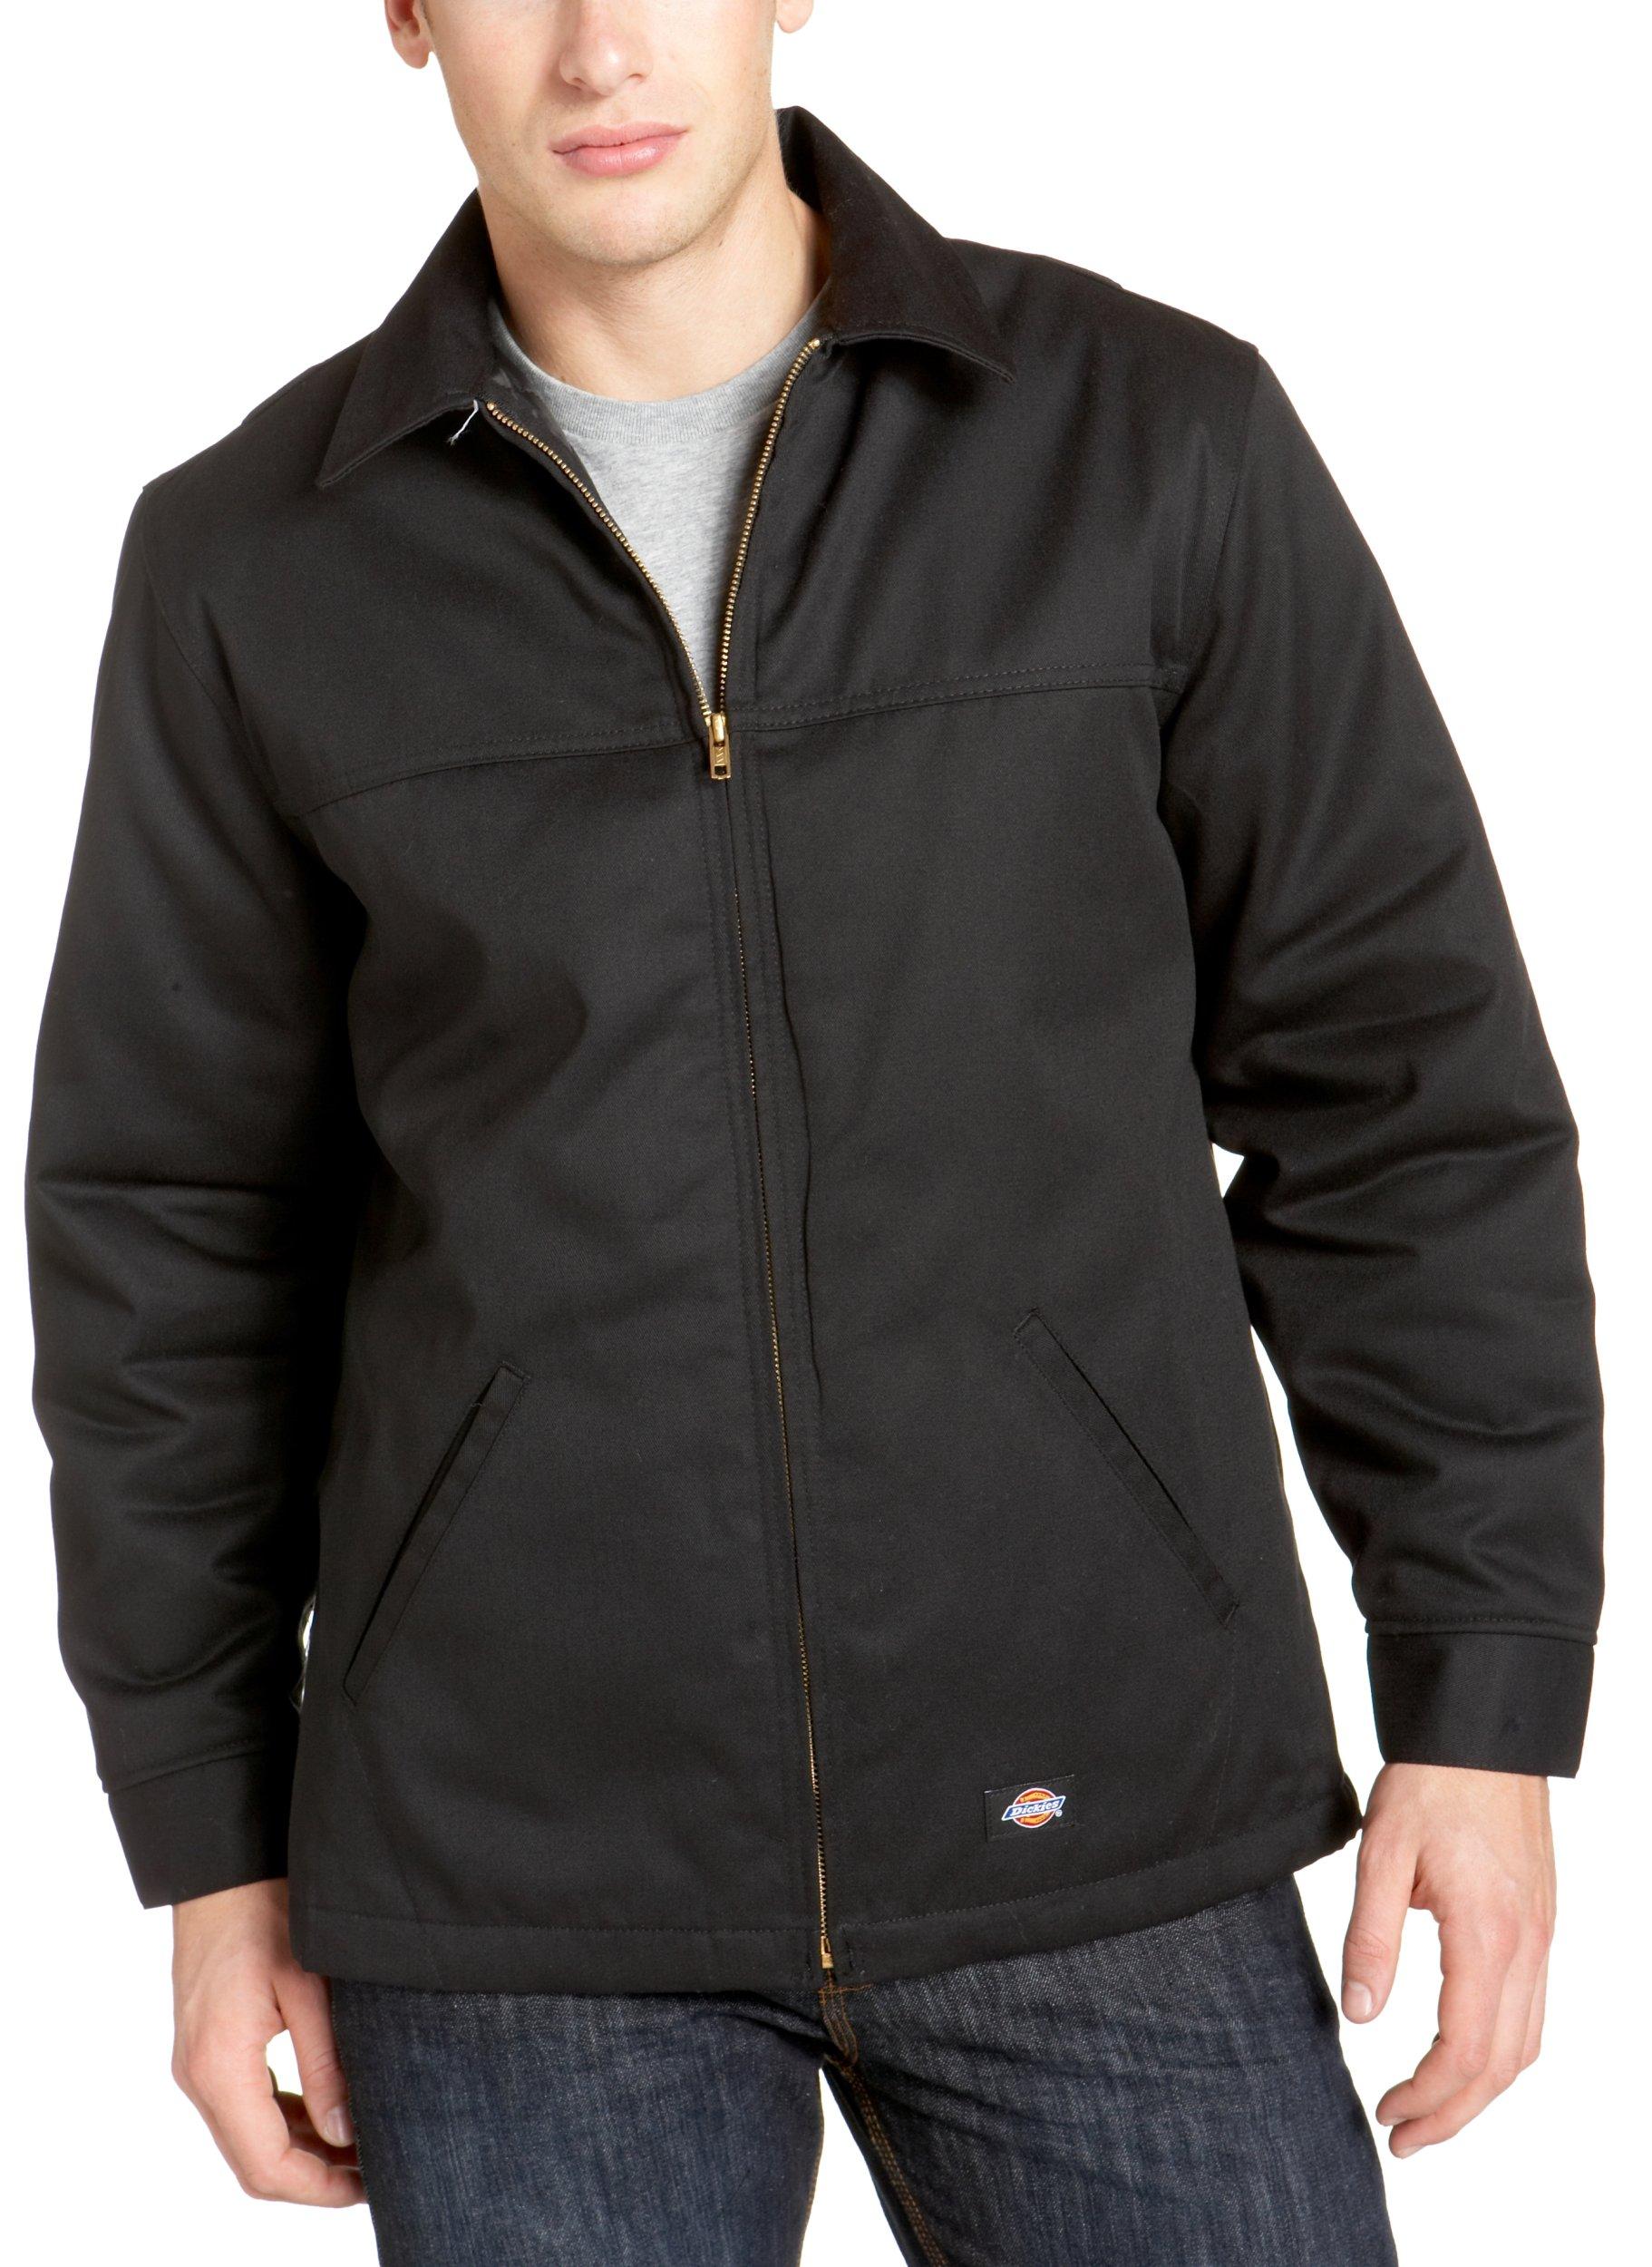 Dickies Men's Hip Length Twill Jacket, Black, Medium by dickies